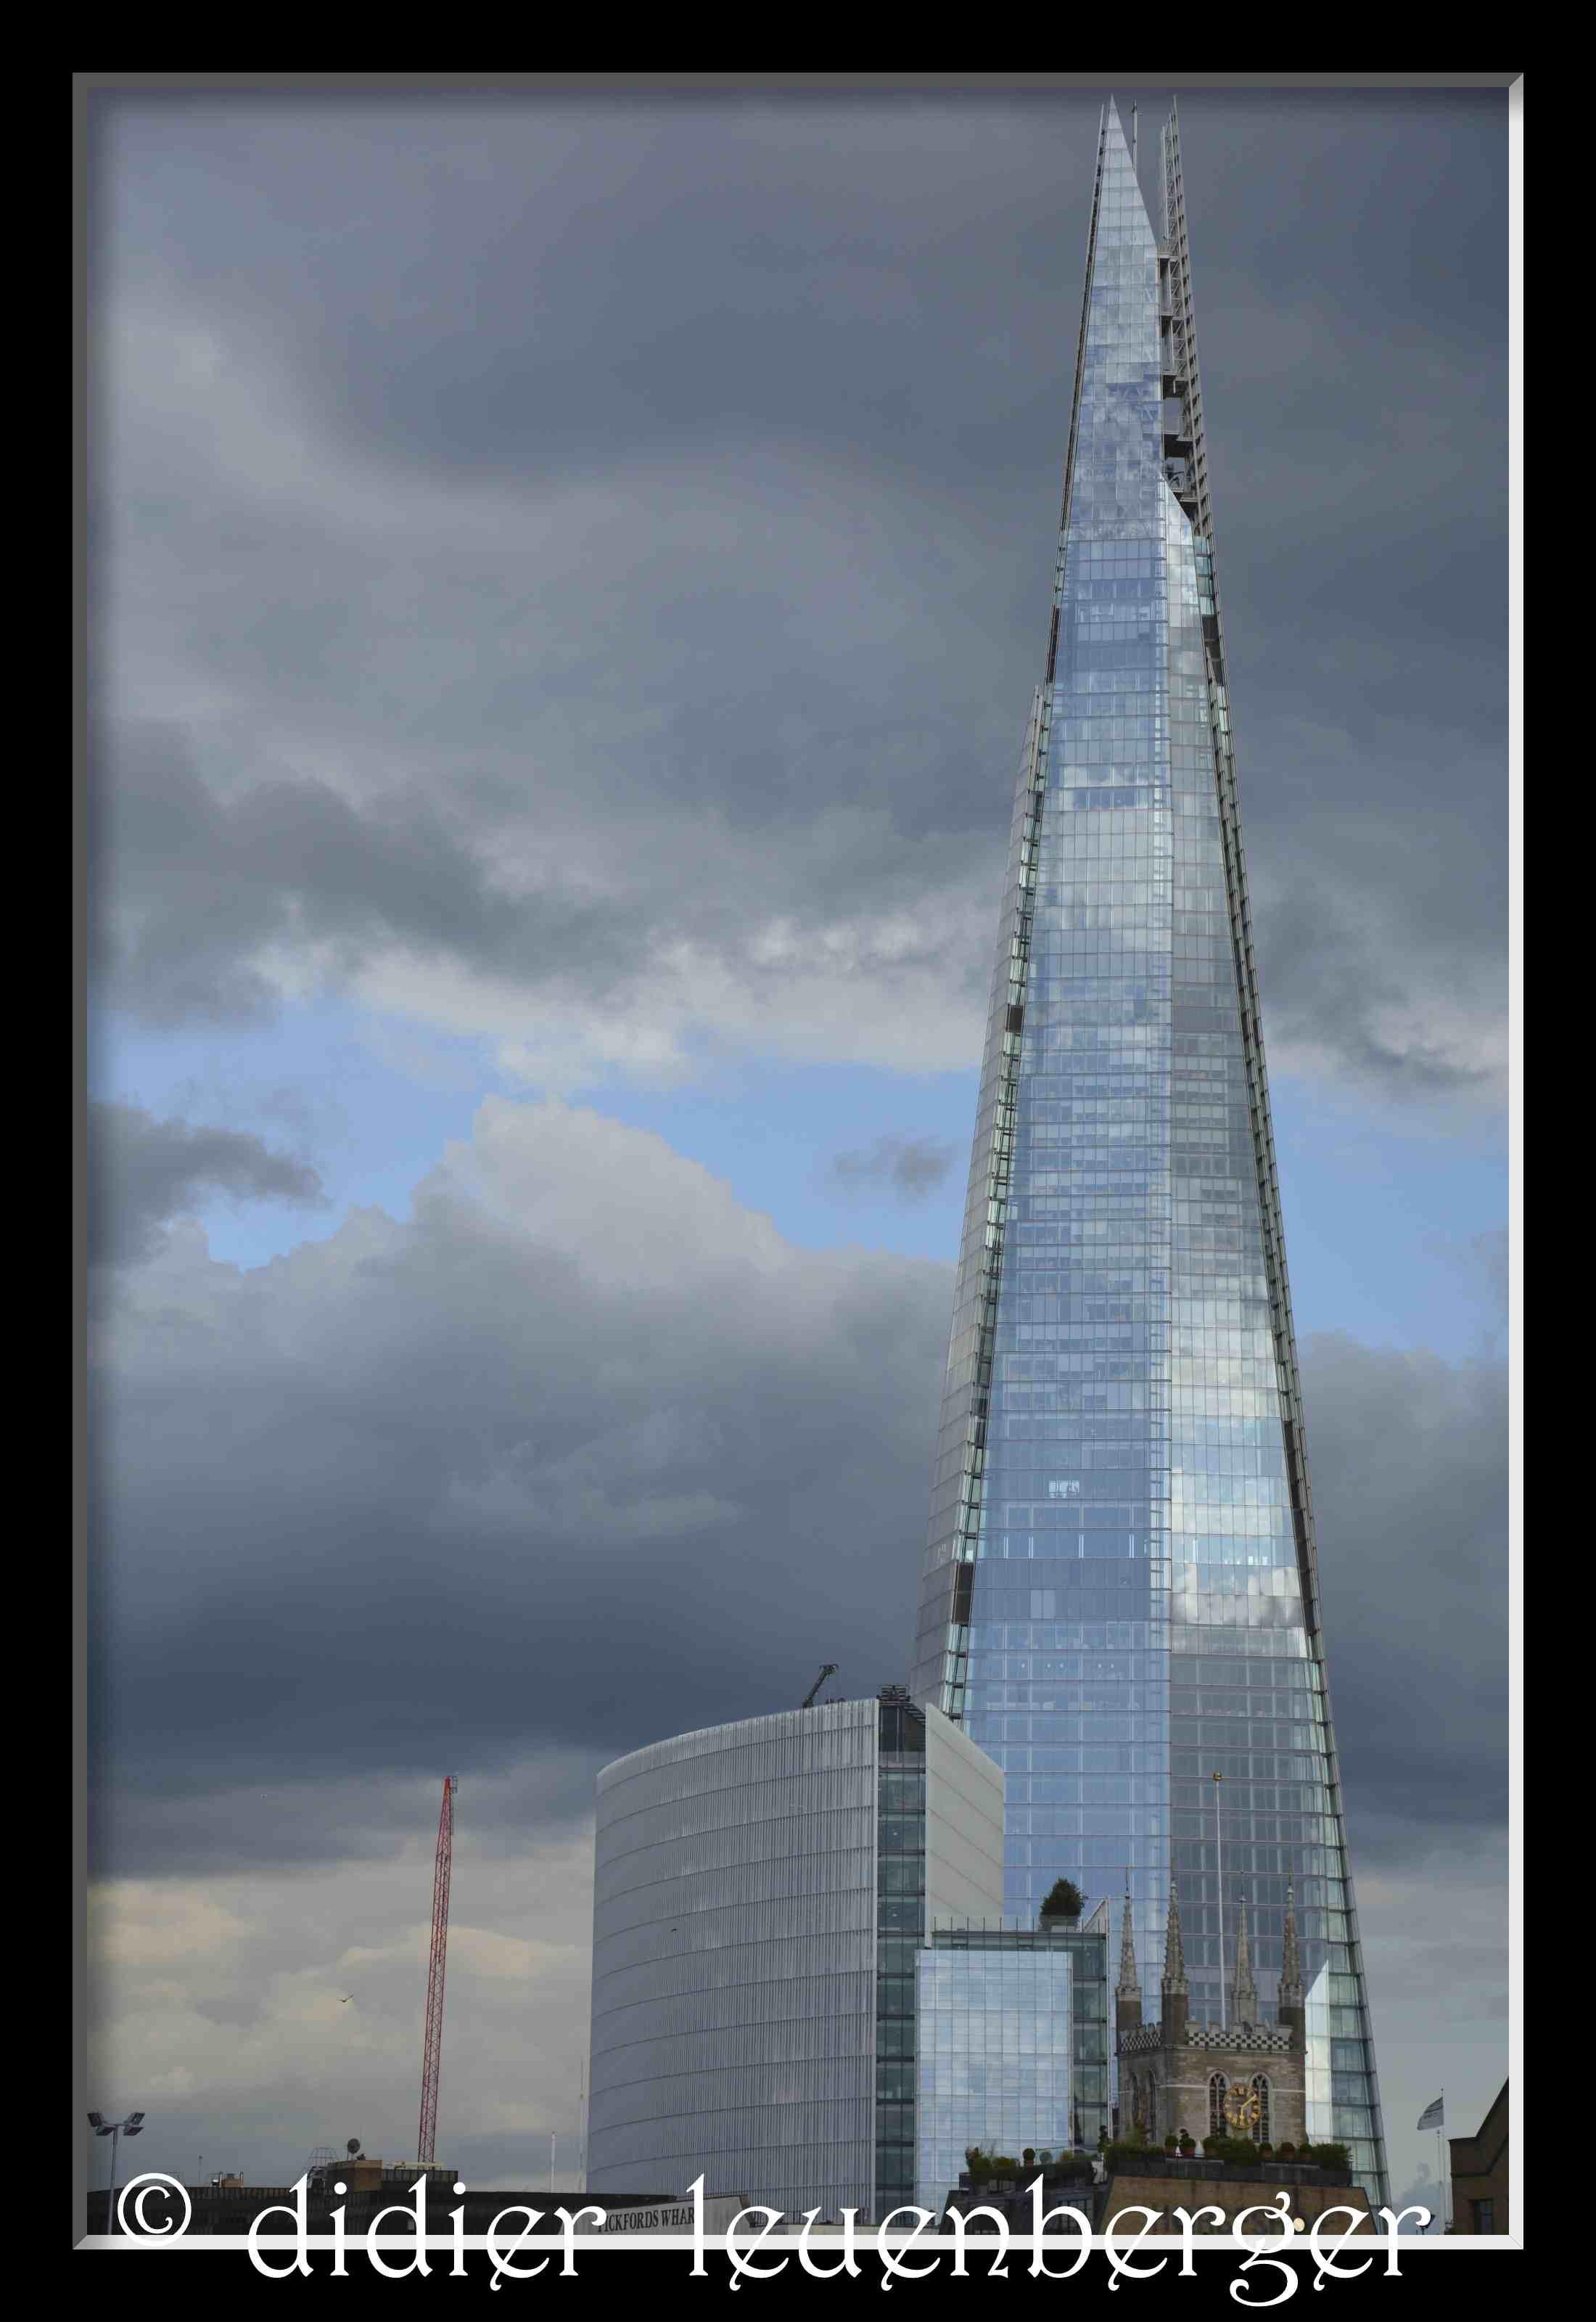 ANGLETERRE LONDRES N7100 AOÛT 2014 1123.jpg